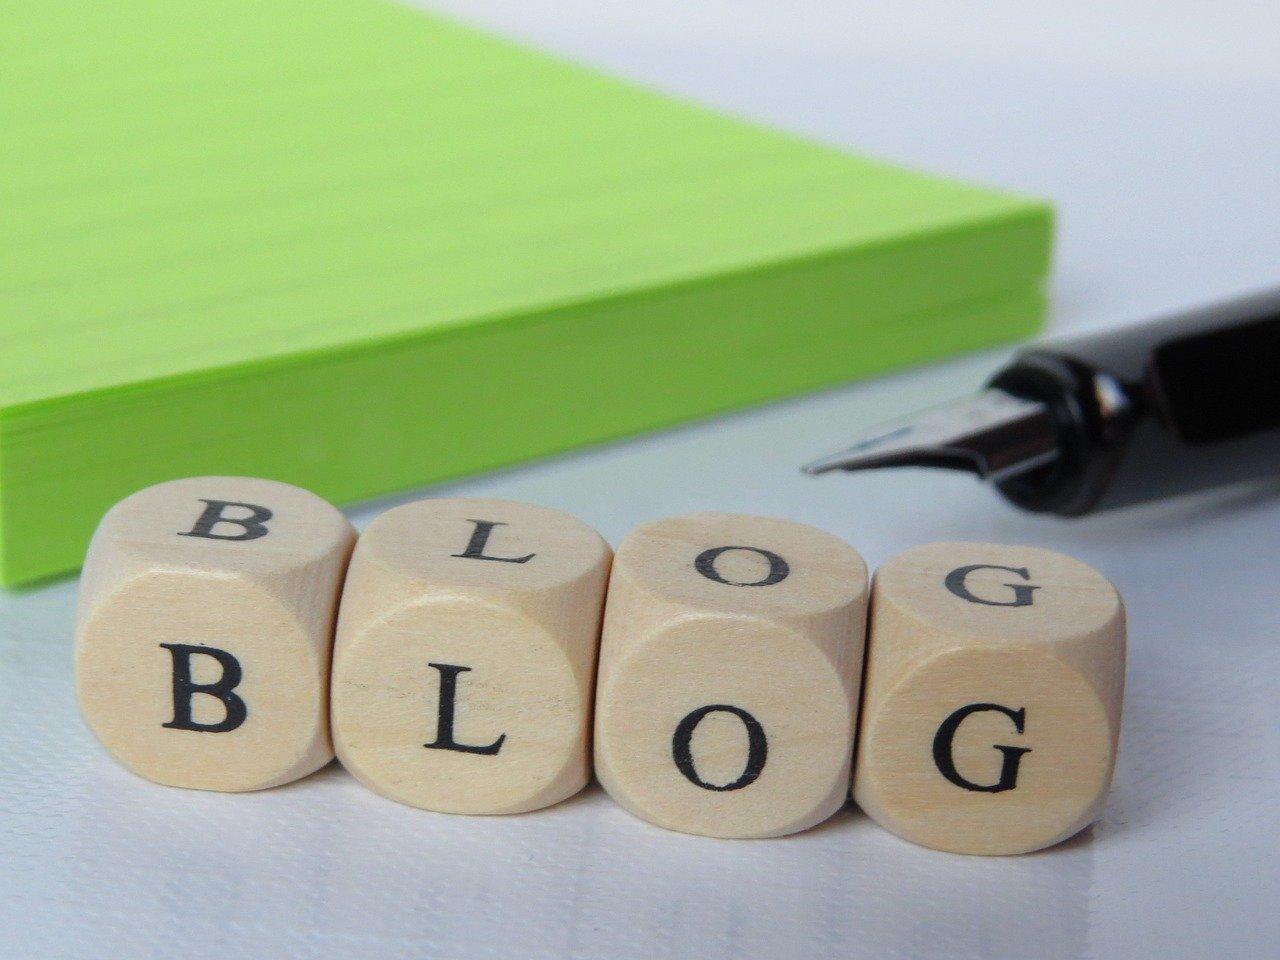 Création d'un site Internet Arnouville-lès-Gonesse avec WordPress